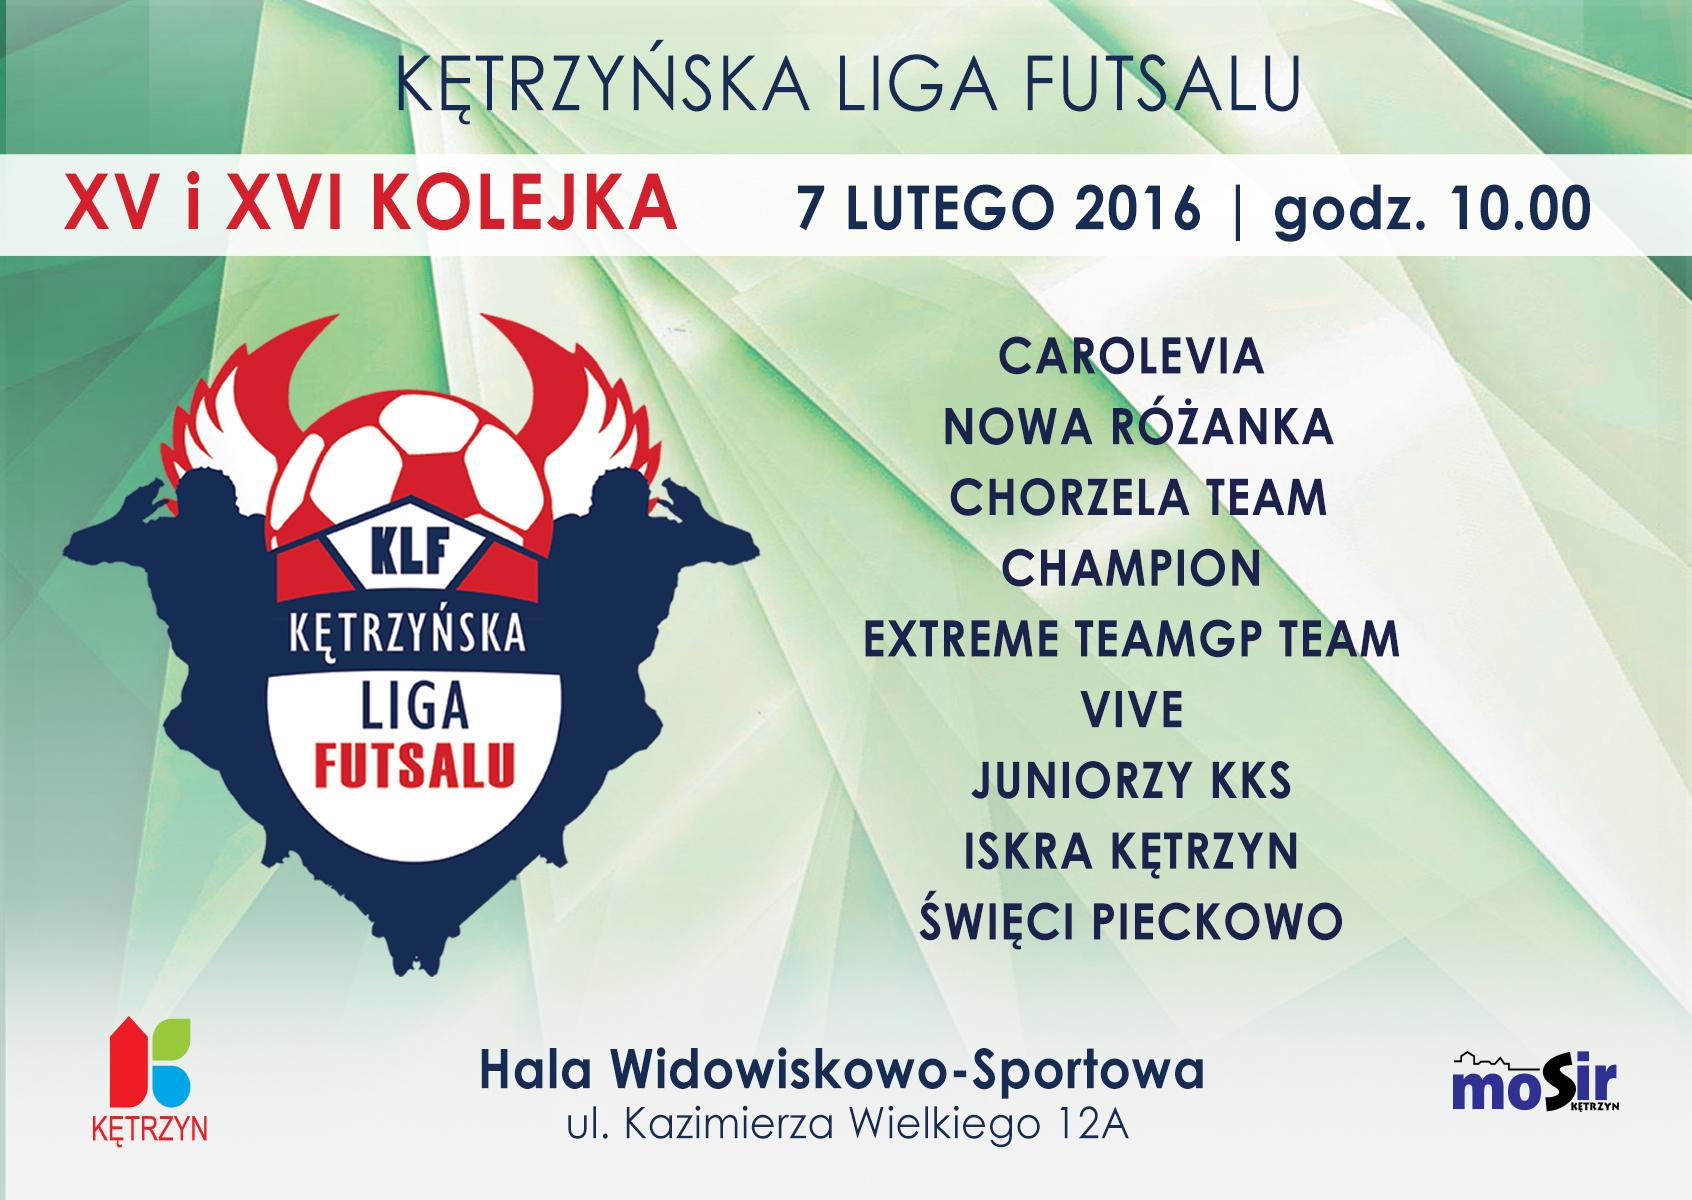 XV i XVI kolejka Kętrzyńskiej Ligi Futsalu